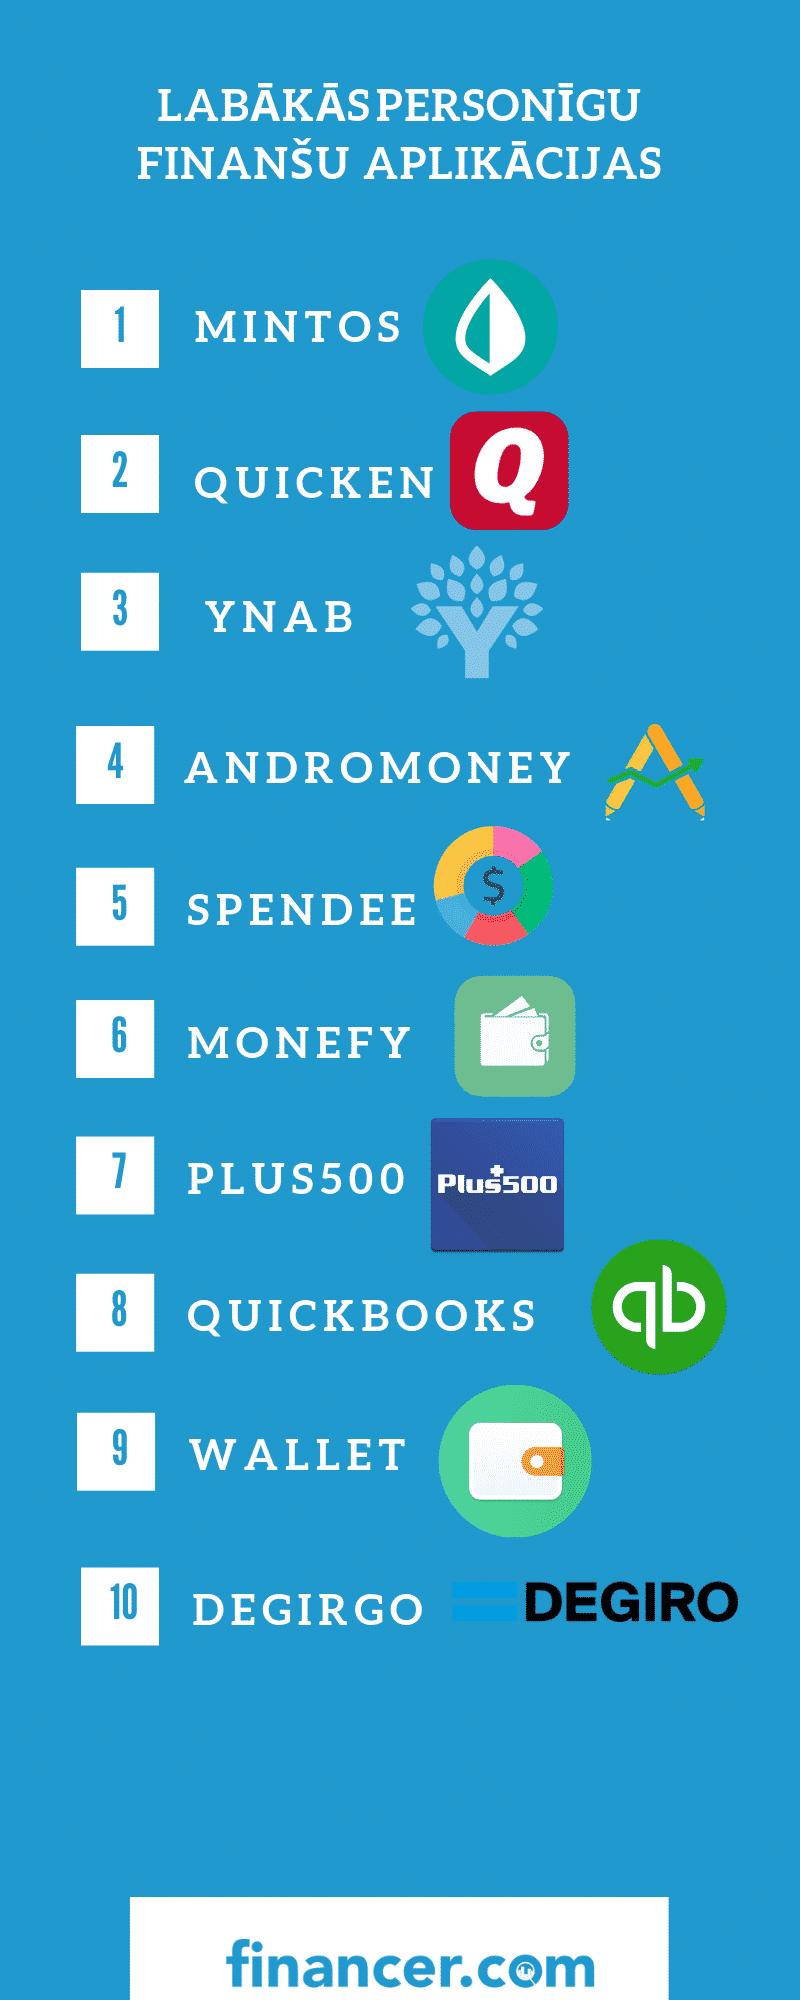 top 10 personīgo finanšu aplikācijas